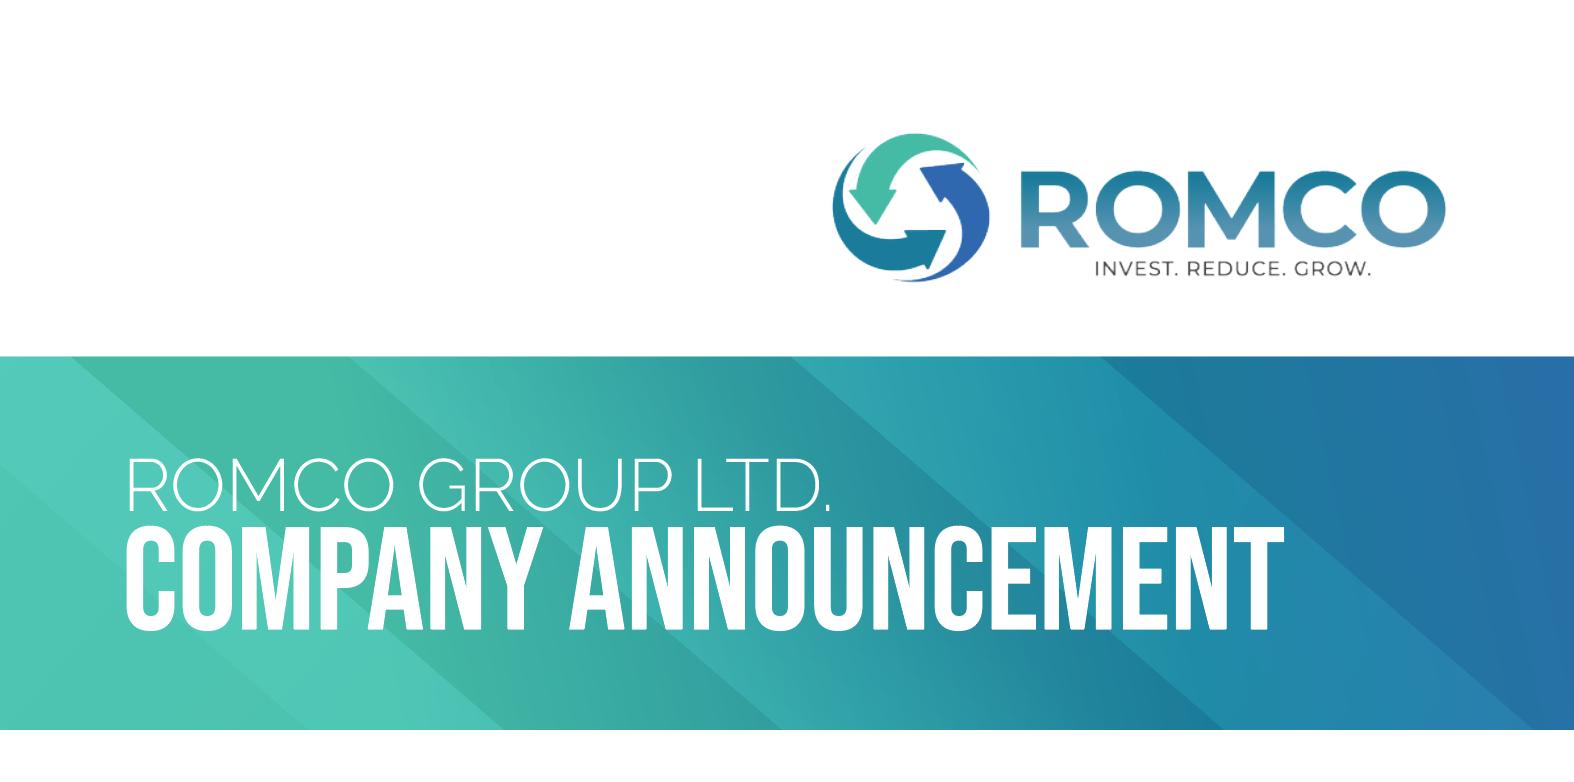 Company Announcement – Board Director Resignation